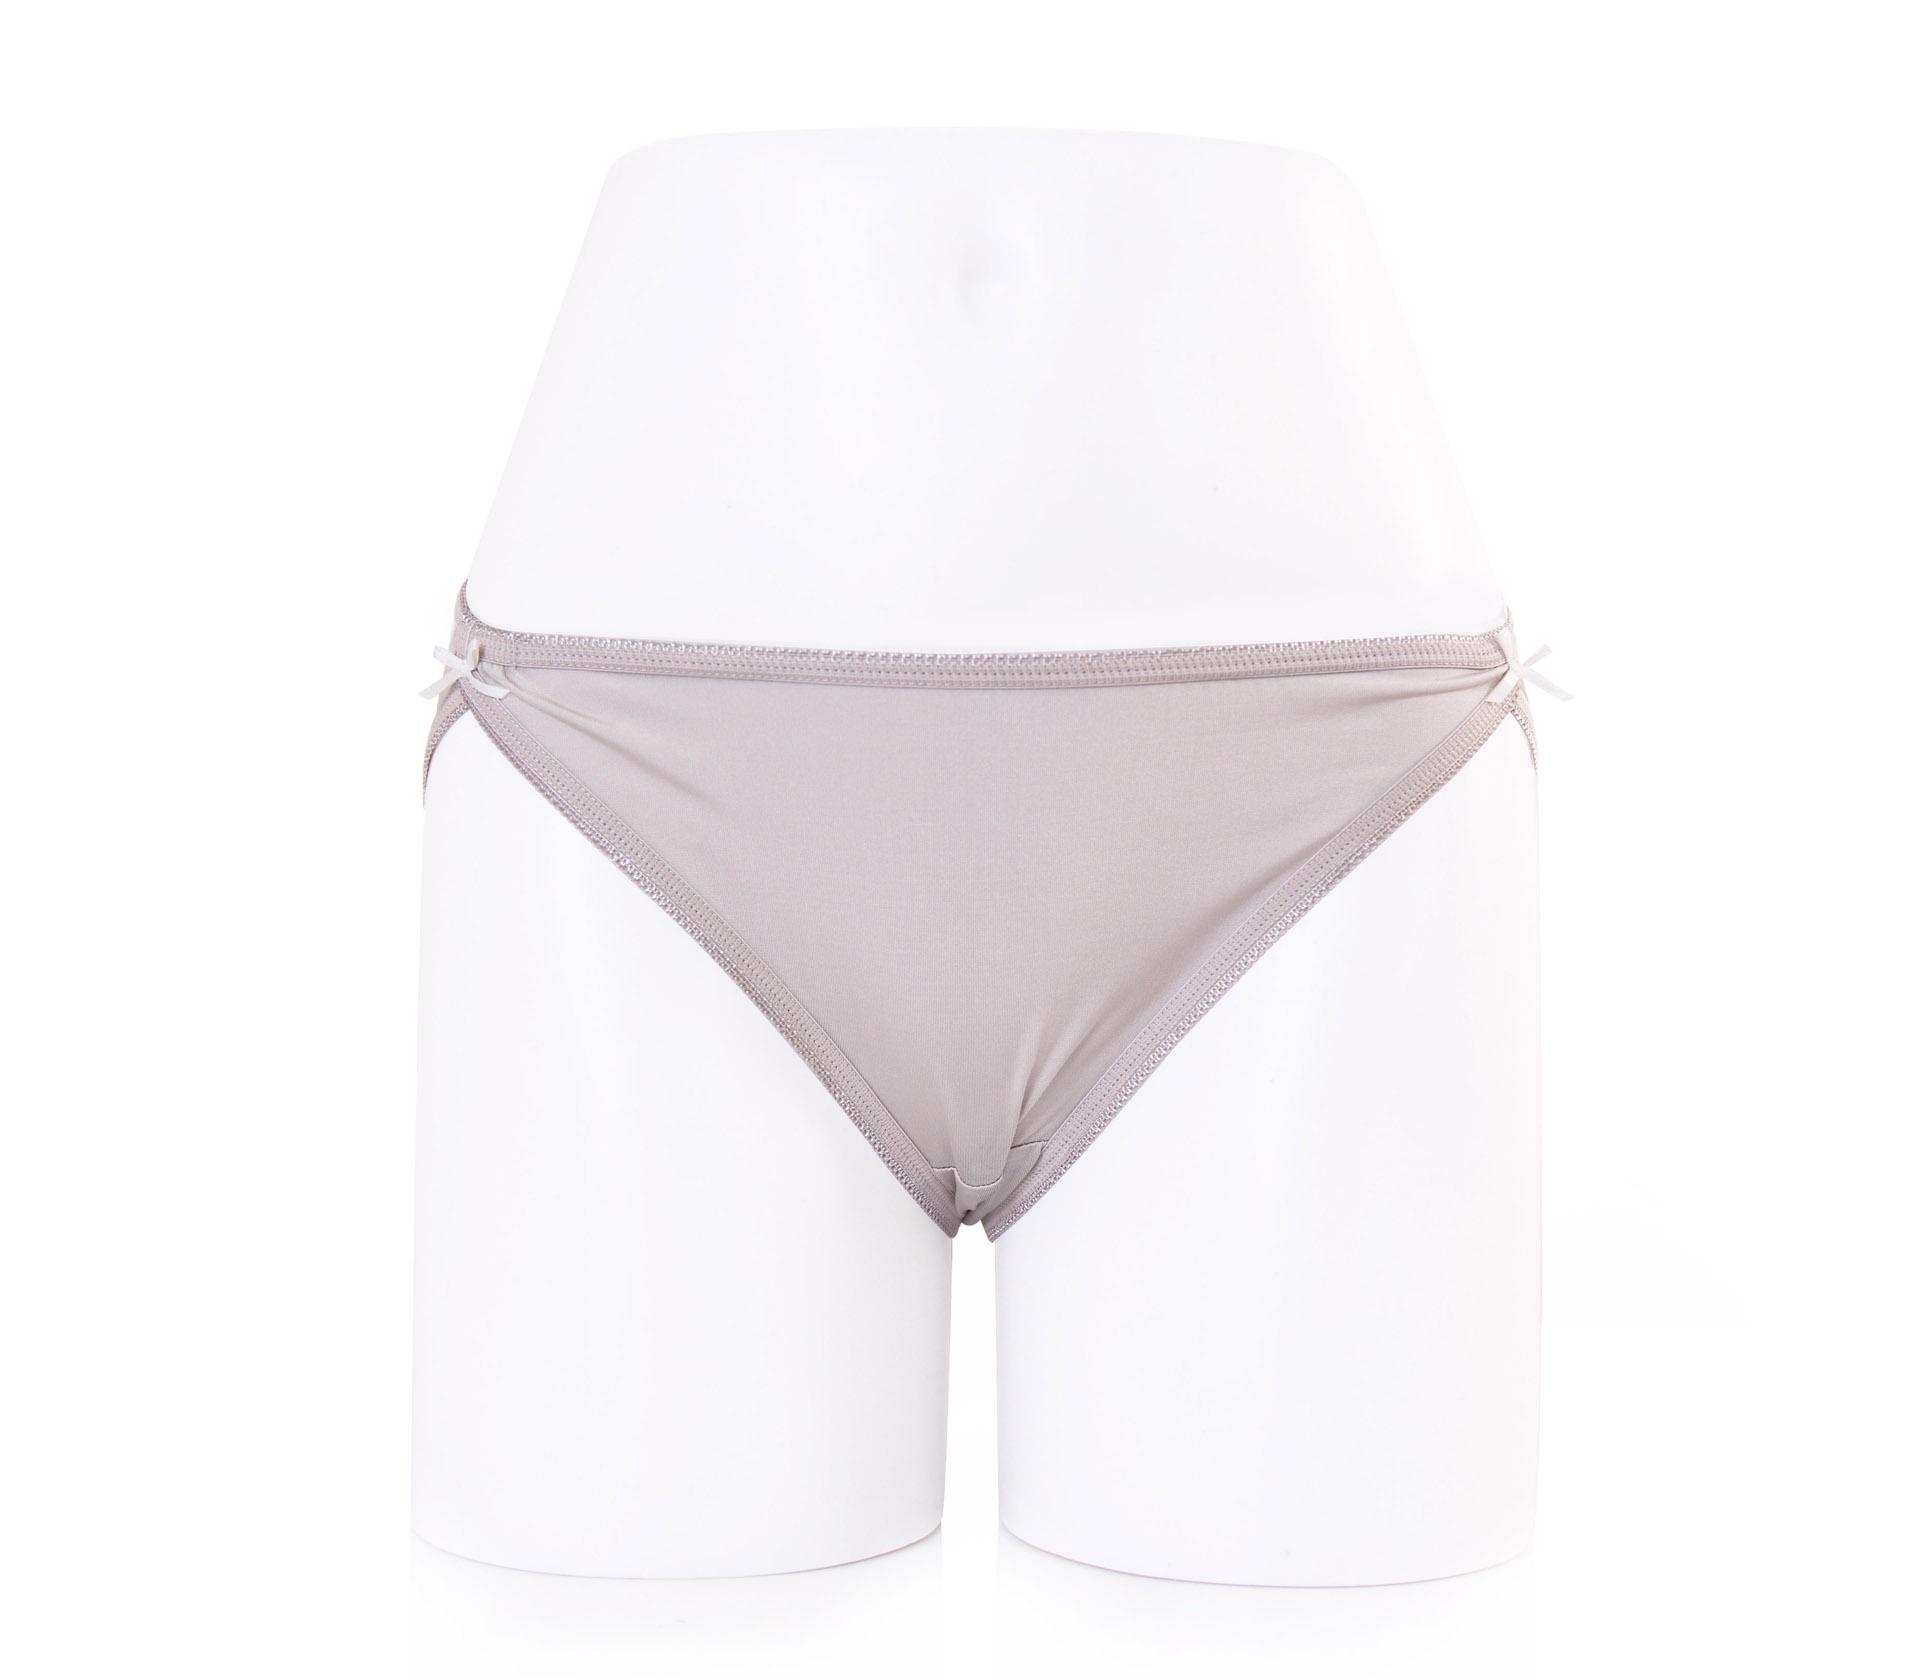 闕蘭絹性感高衩30針100%蠶絲內褲-2222(灰)